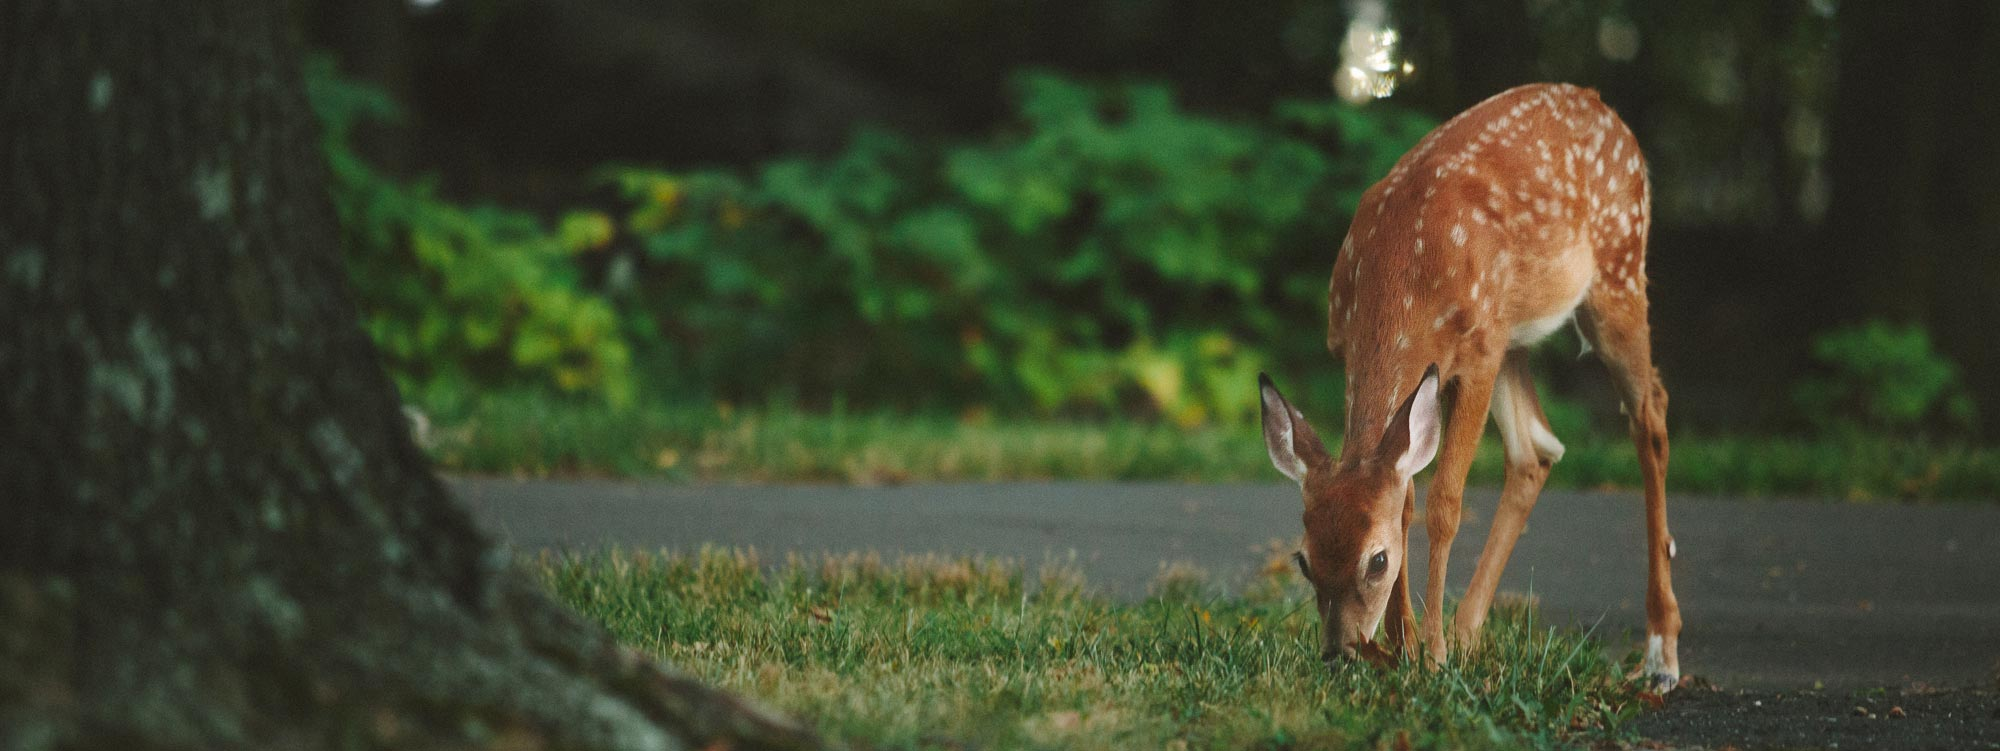 deer-slider-2